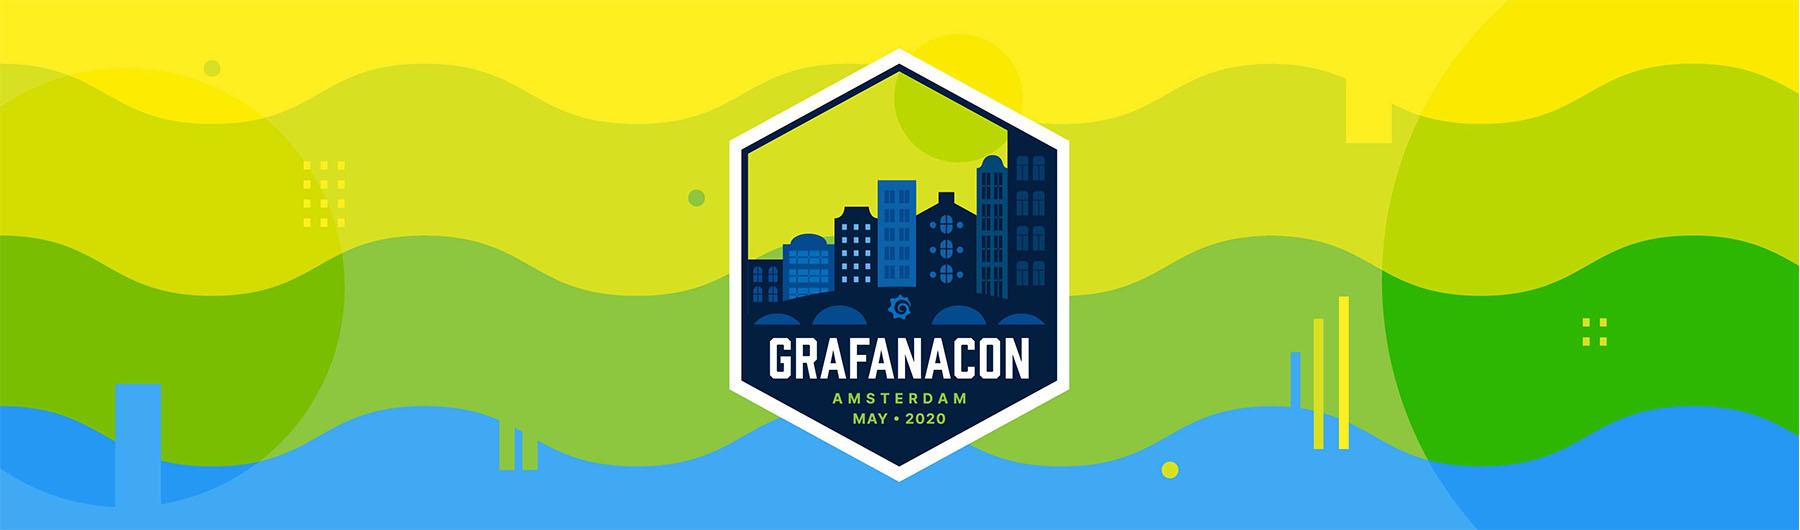 Grafanacon 2020